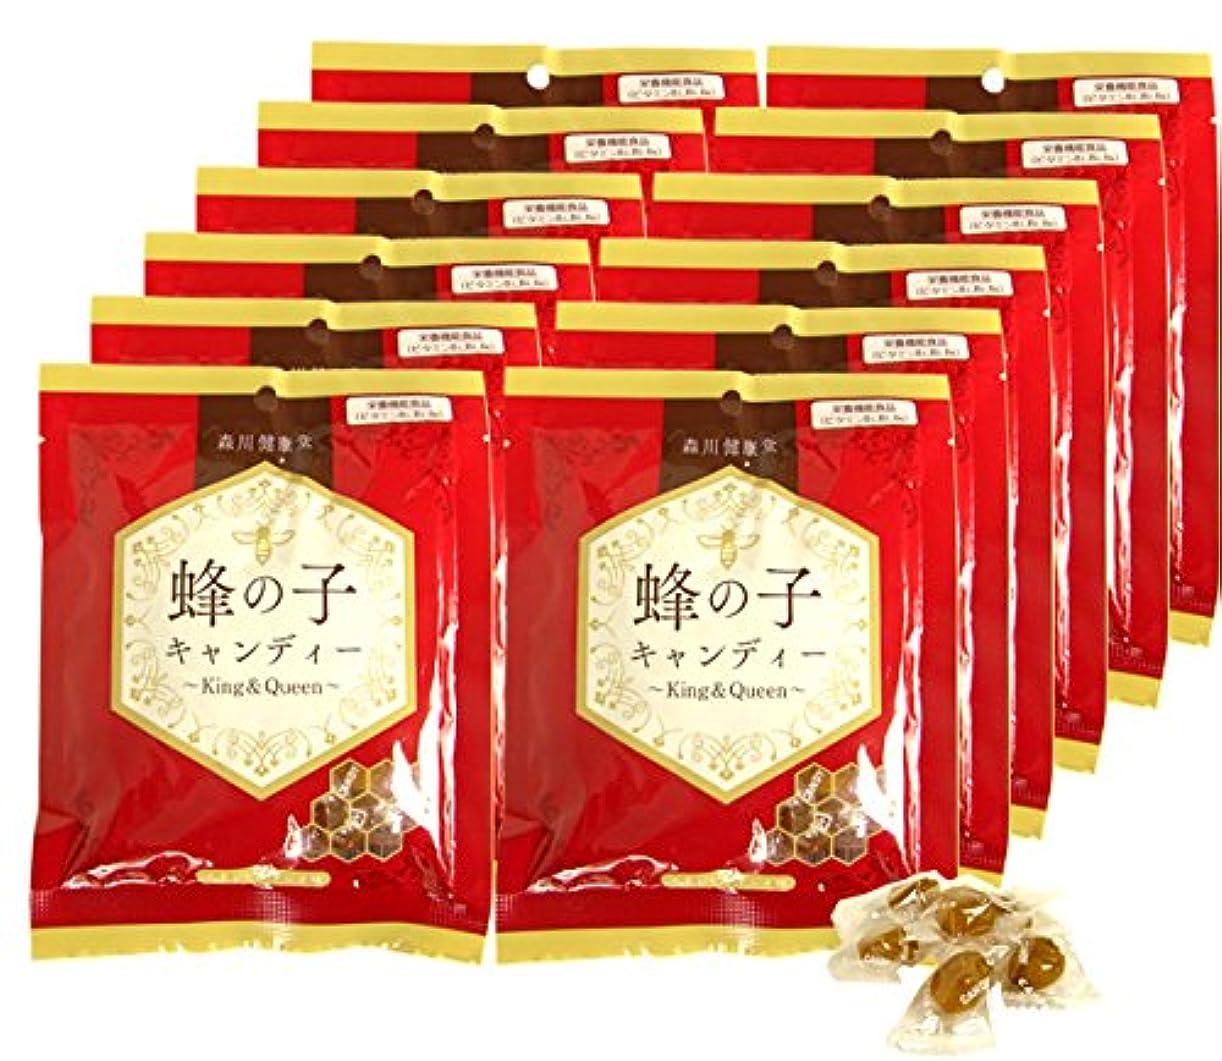 サンプル憎しみ薬剤師森川健康堂 蜂の子キャンディー 70g (70g×12個)